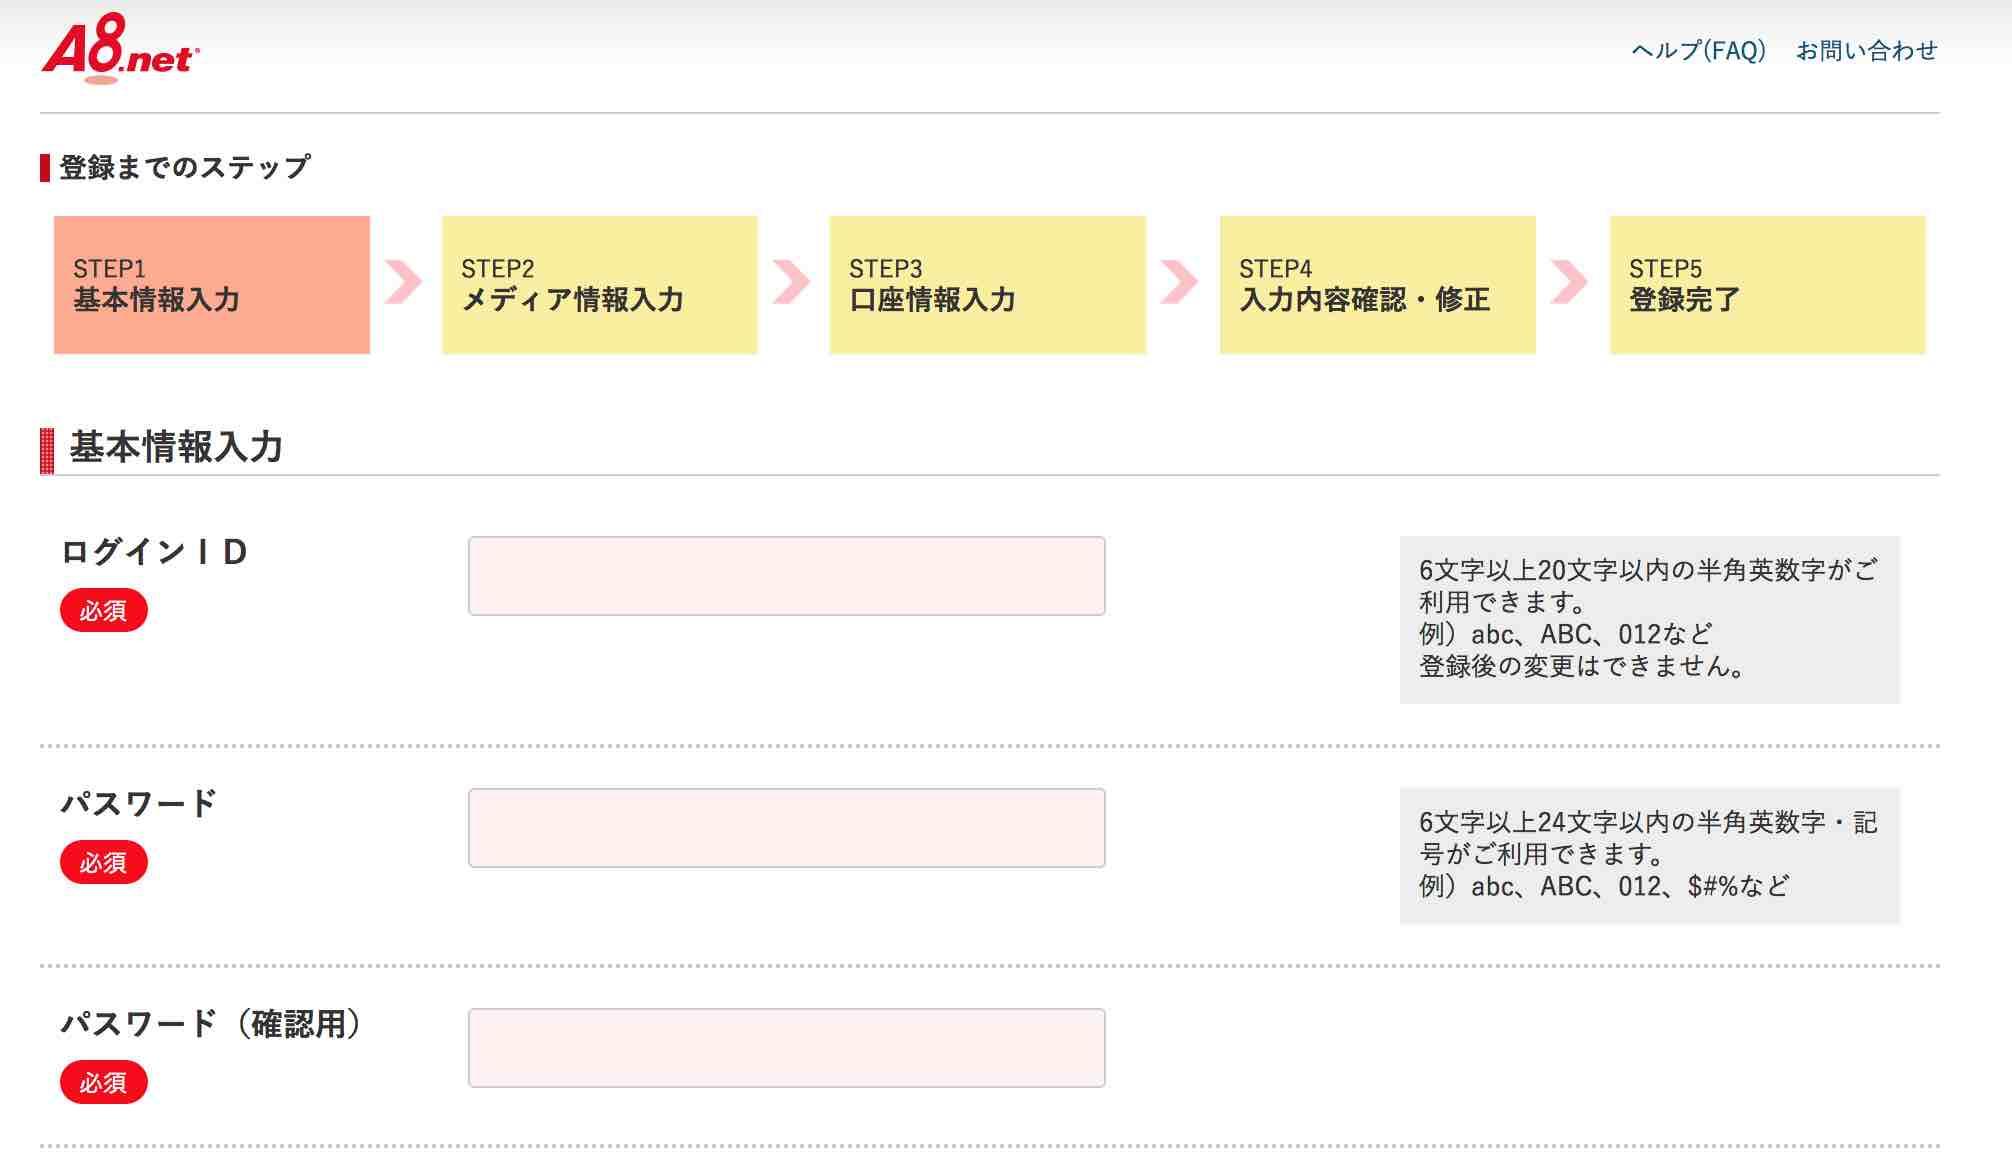 a8.net無料会員登録手順6